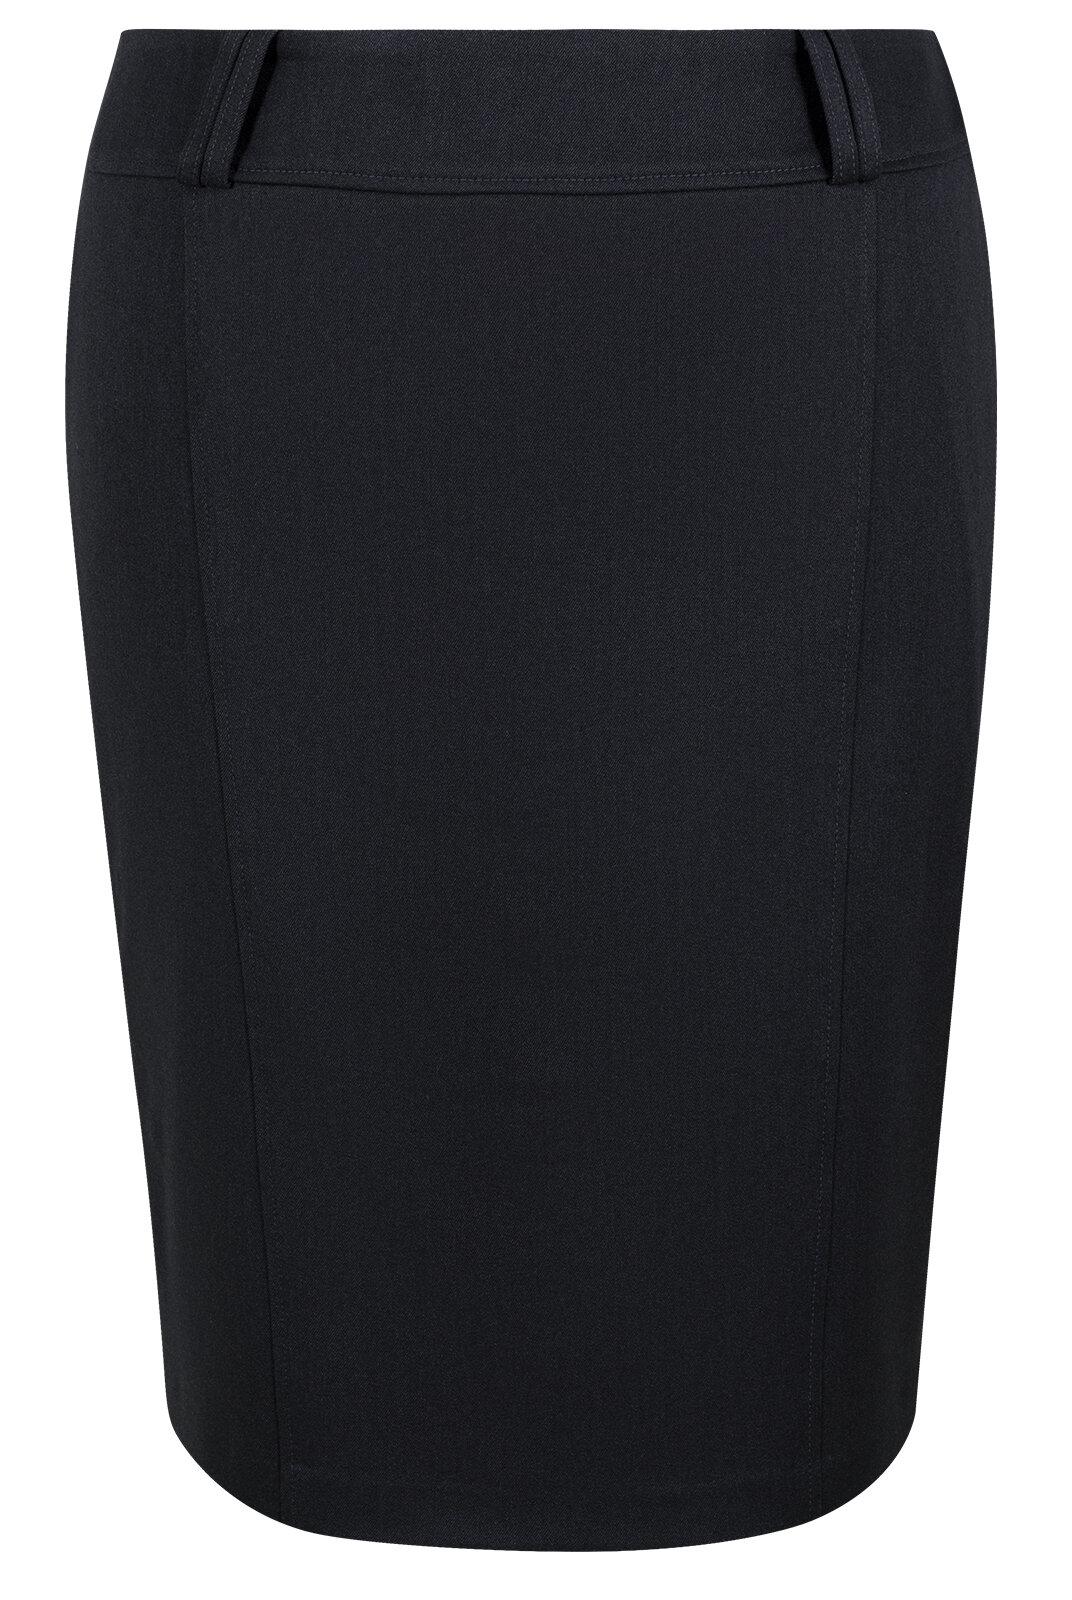 модели юбки карандаш фото сорта являются устойчивость